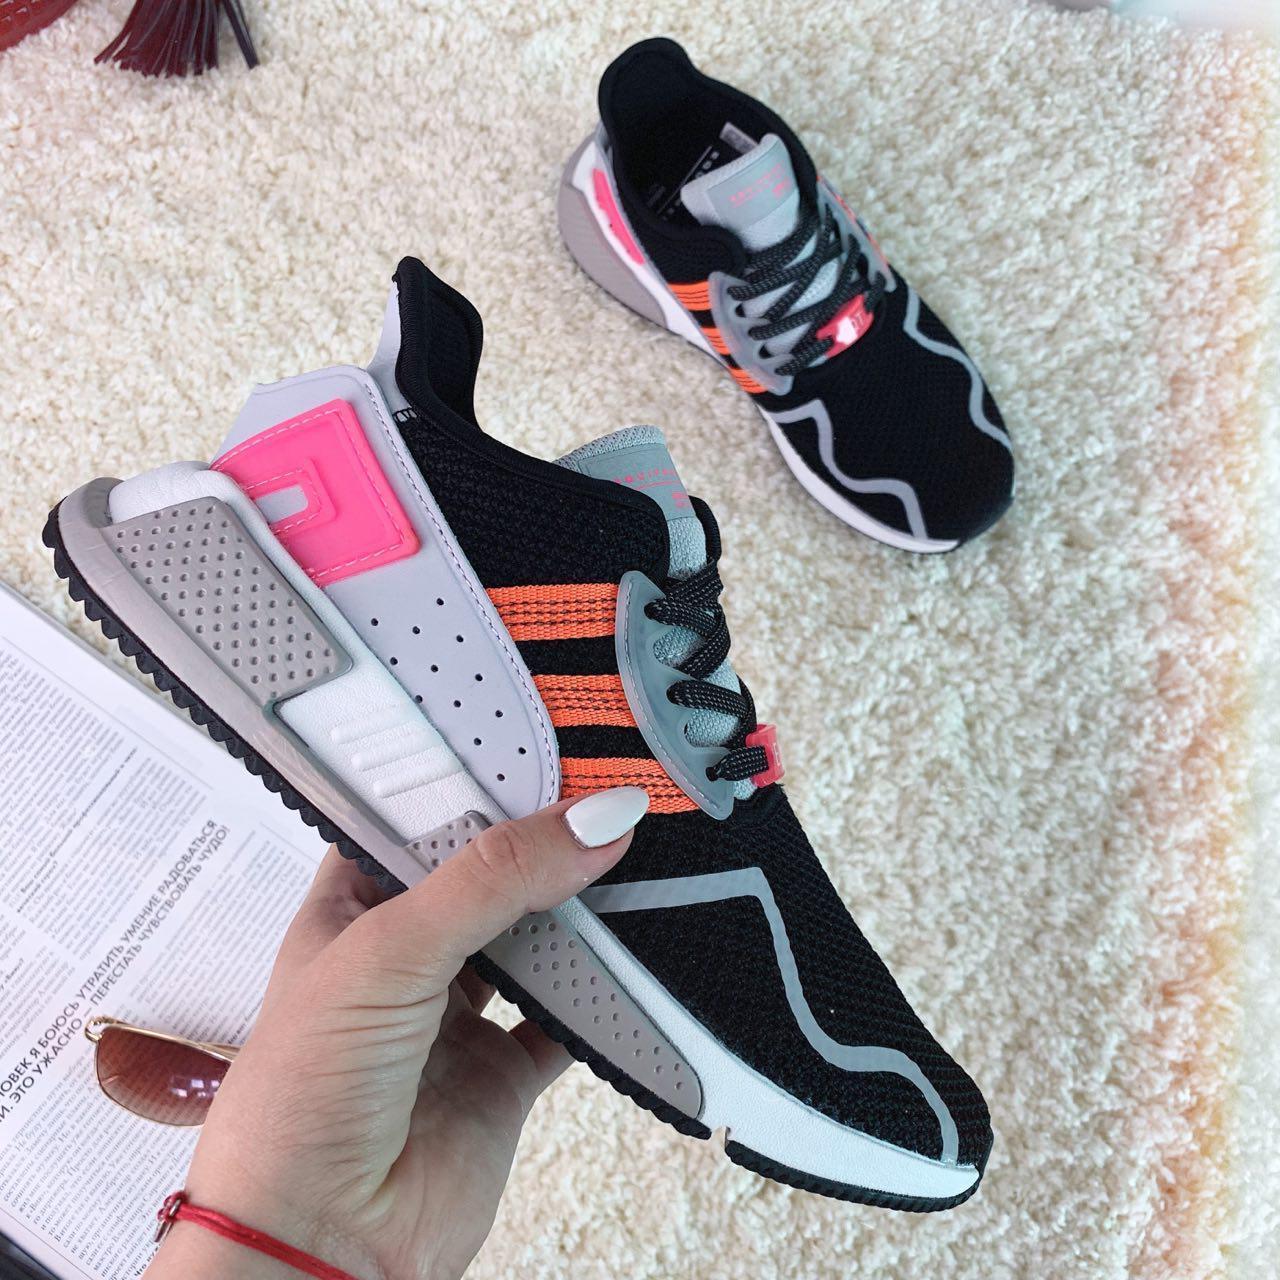 Кроссовки Женские Adidas EQT ADV  30896 ⏩ [ 38 ] последний размер